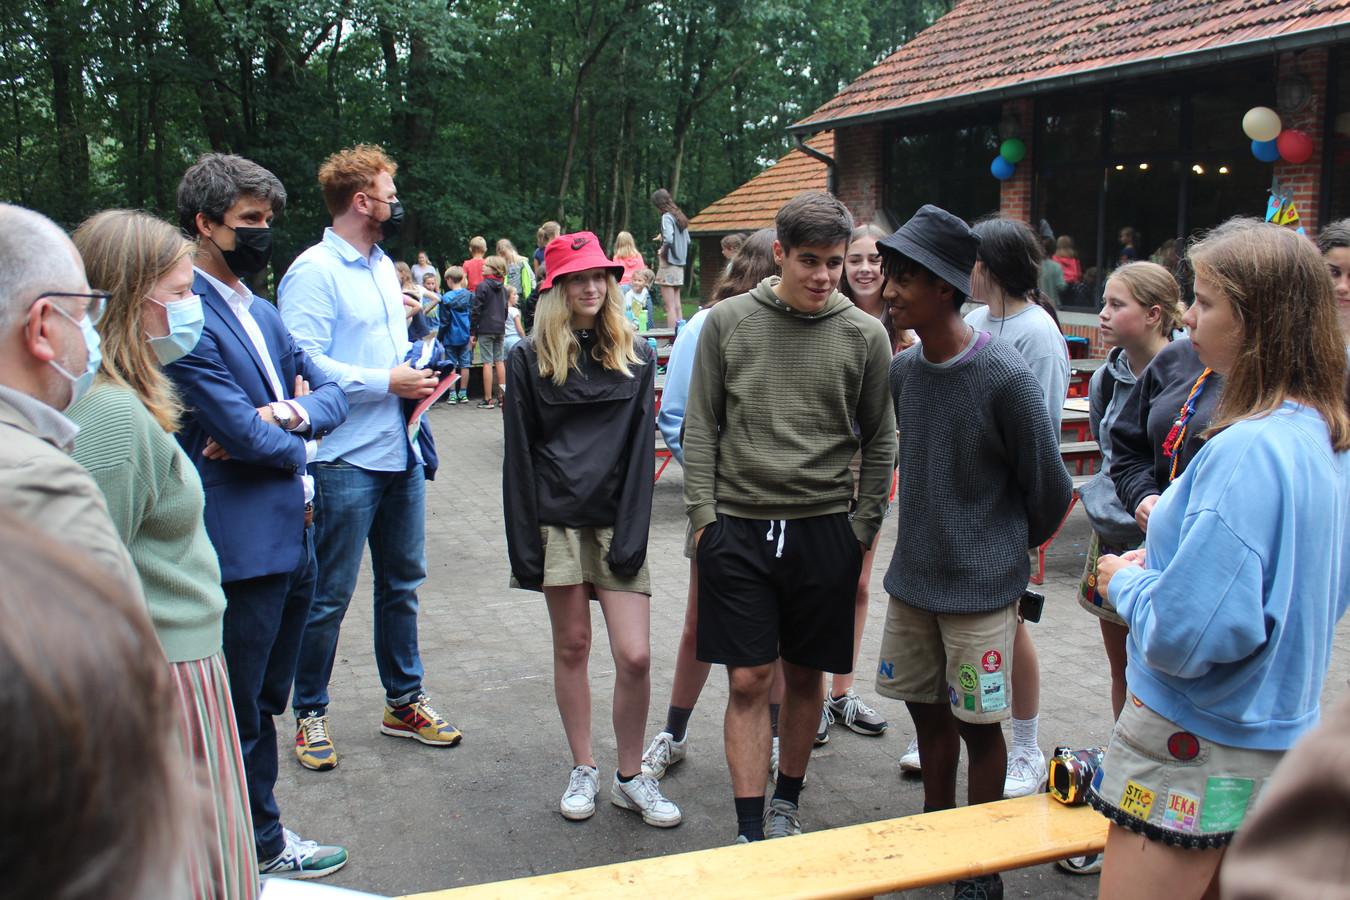 Bennjamin Dalle bracht een bezoek aan het domein Sint-Jansburg in Malle.